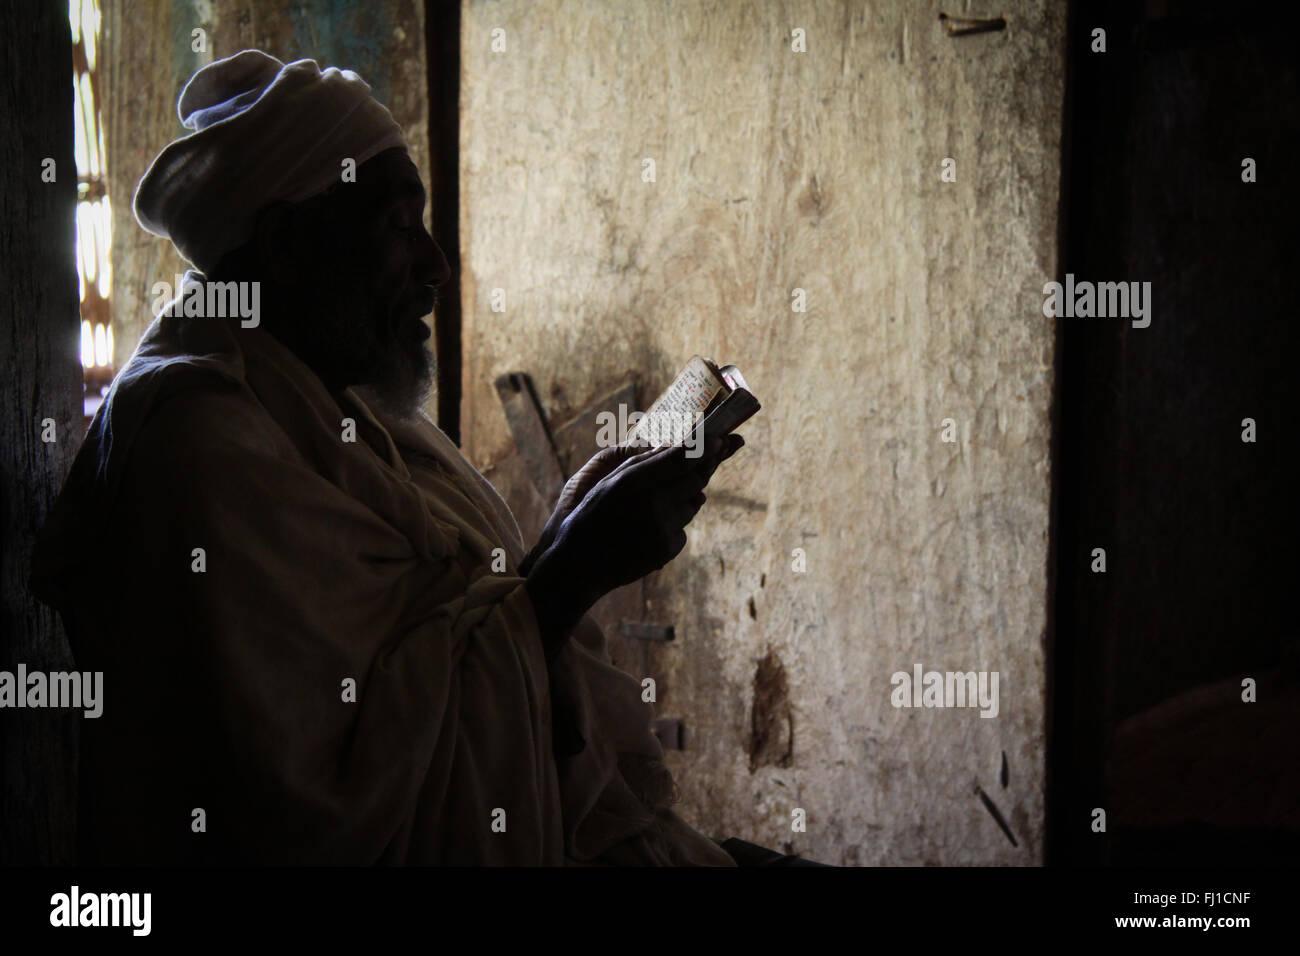 Orthodoxe Priester betet Hintergrundbeleuchtung in Oura Kidane Mehret, Tanasee, Äthiopien, Afrika Stockbild